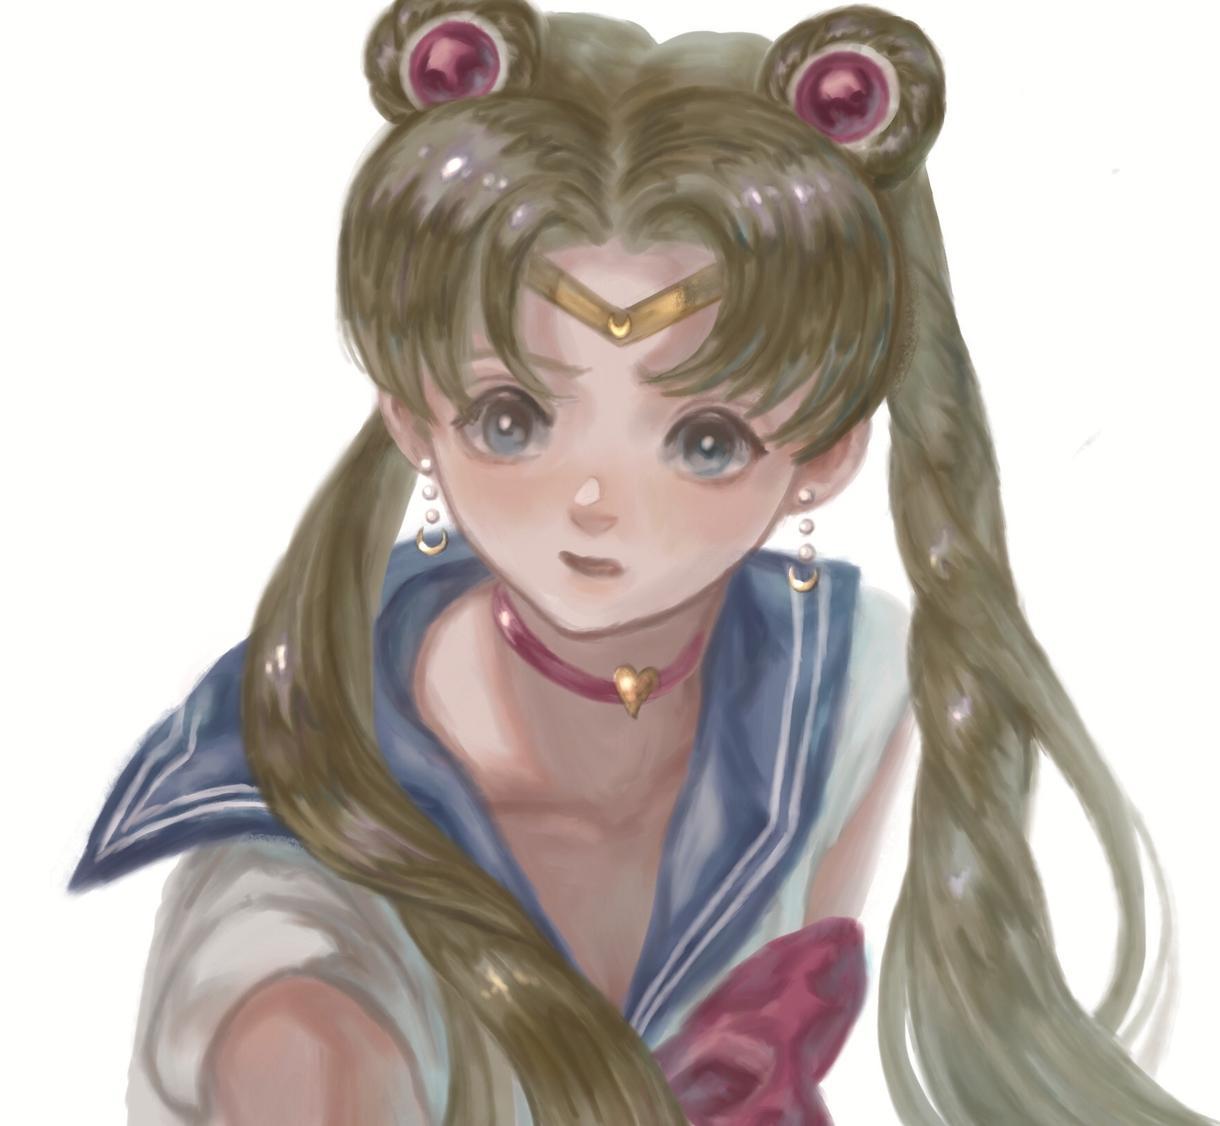 女の子のイラスト描きます 髪の毛と目がキラキラな女の子です。 イメージ1